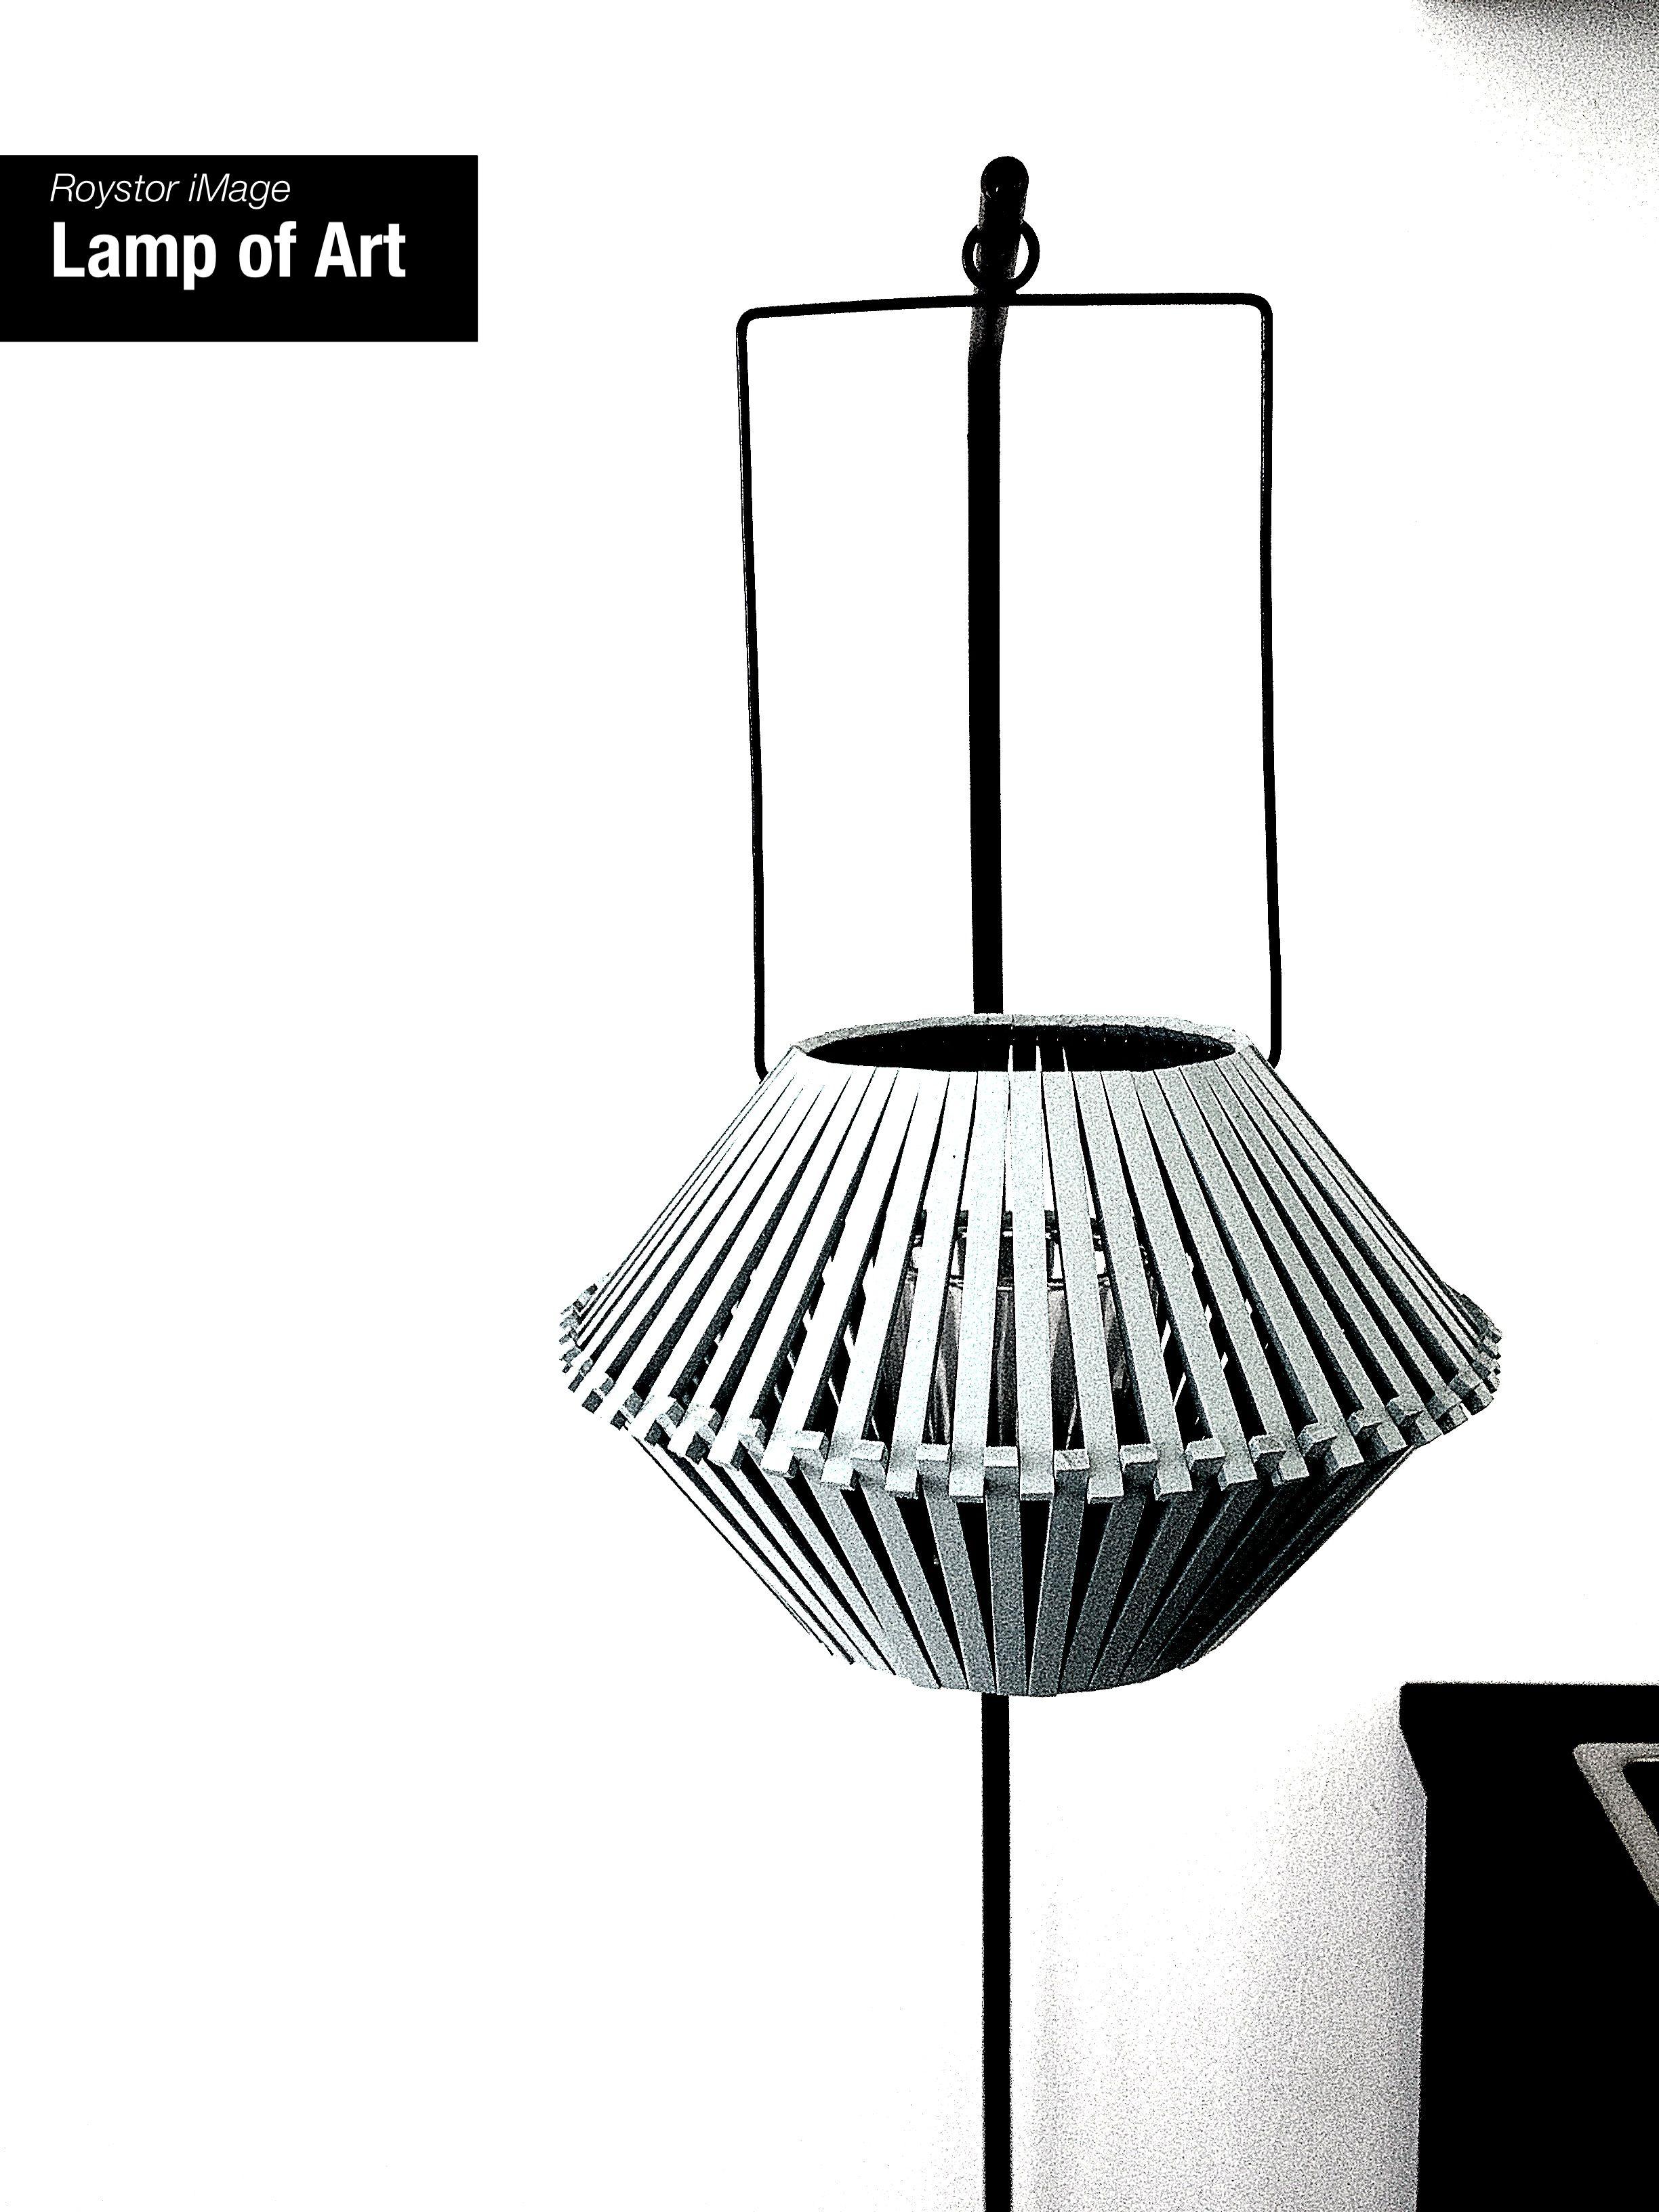 Lamp of Art